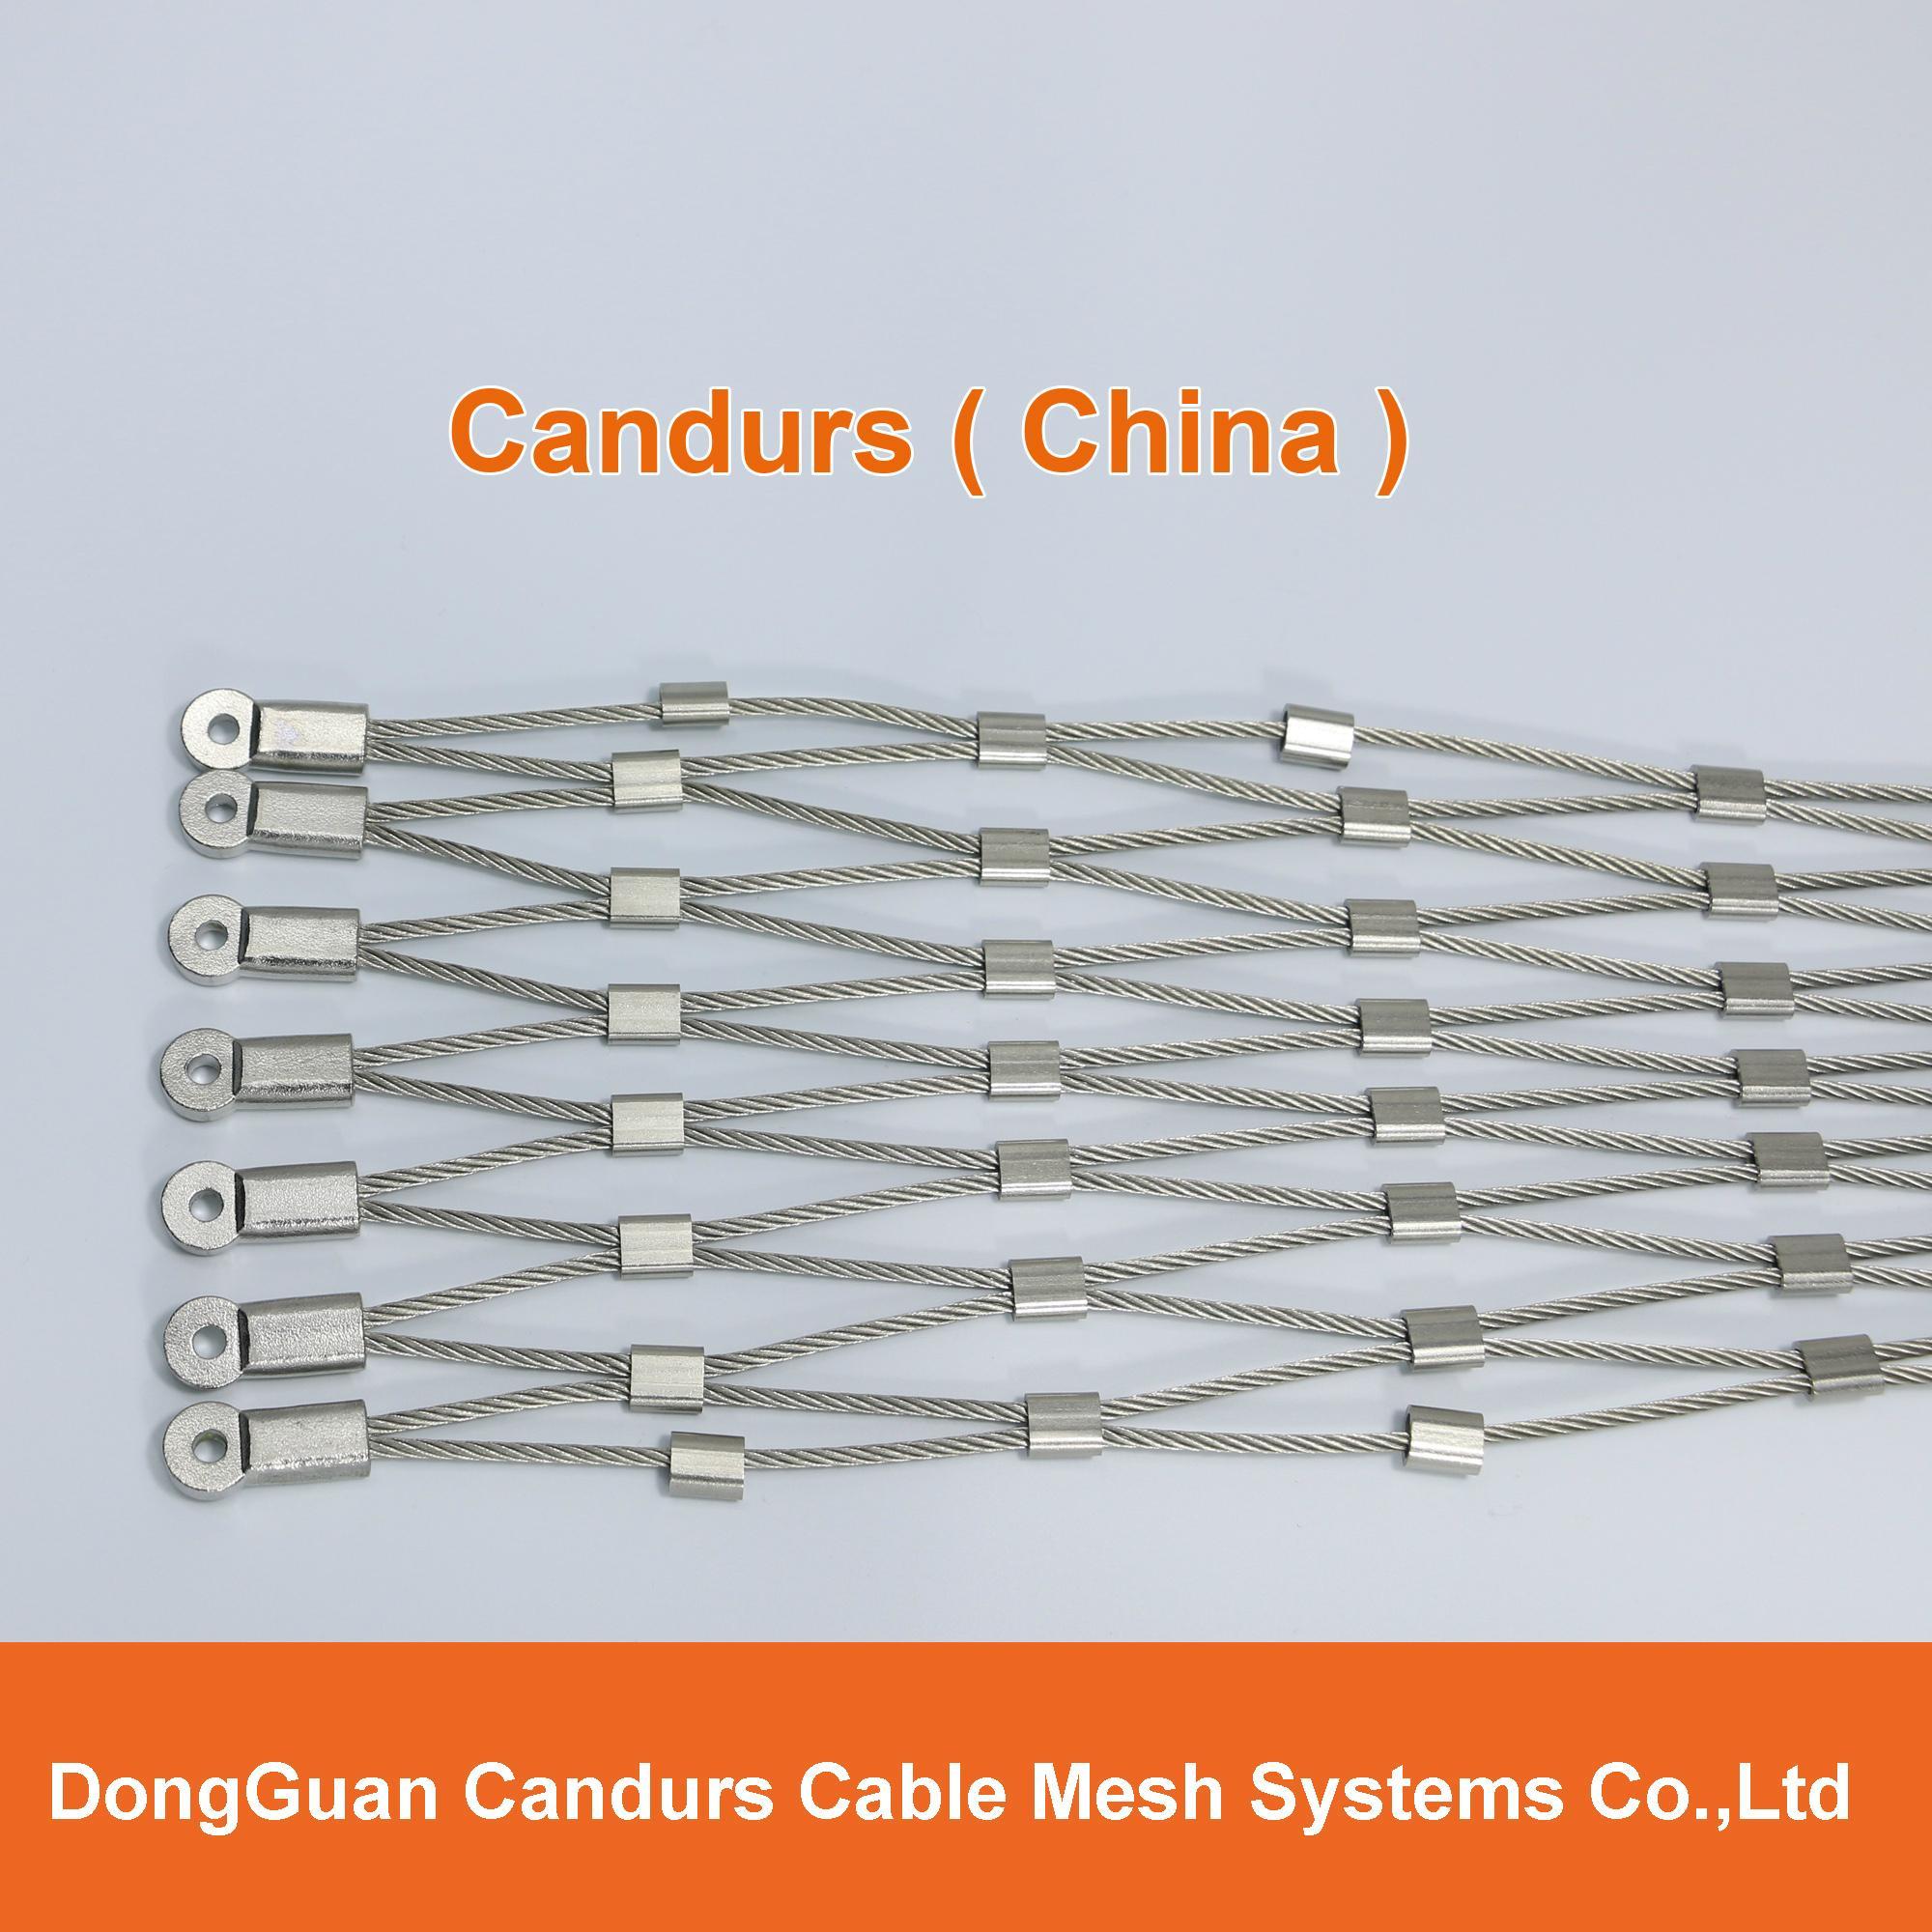 不鏽鋼實用裝飾防護網 5